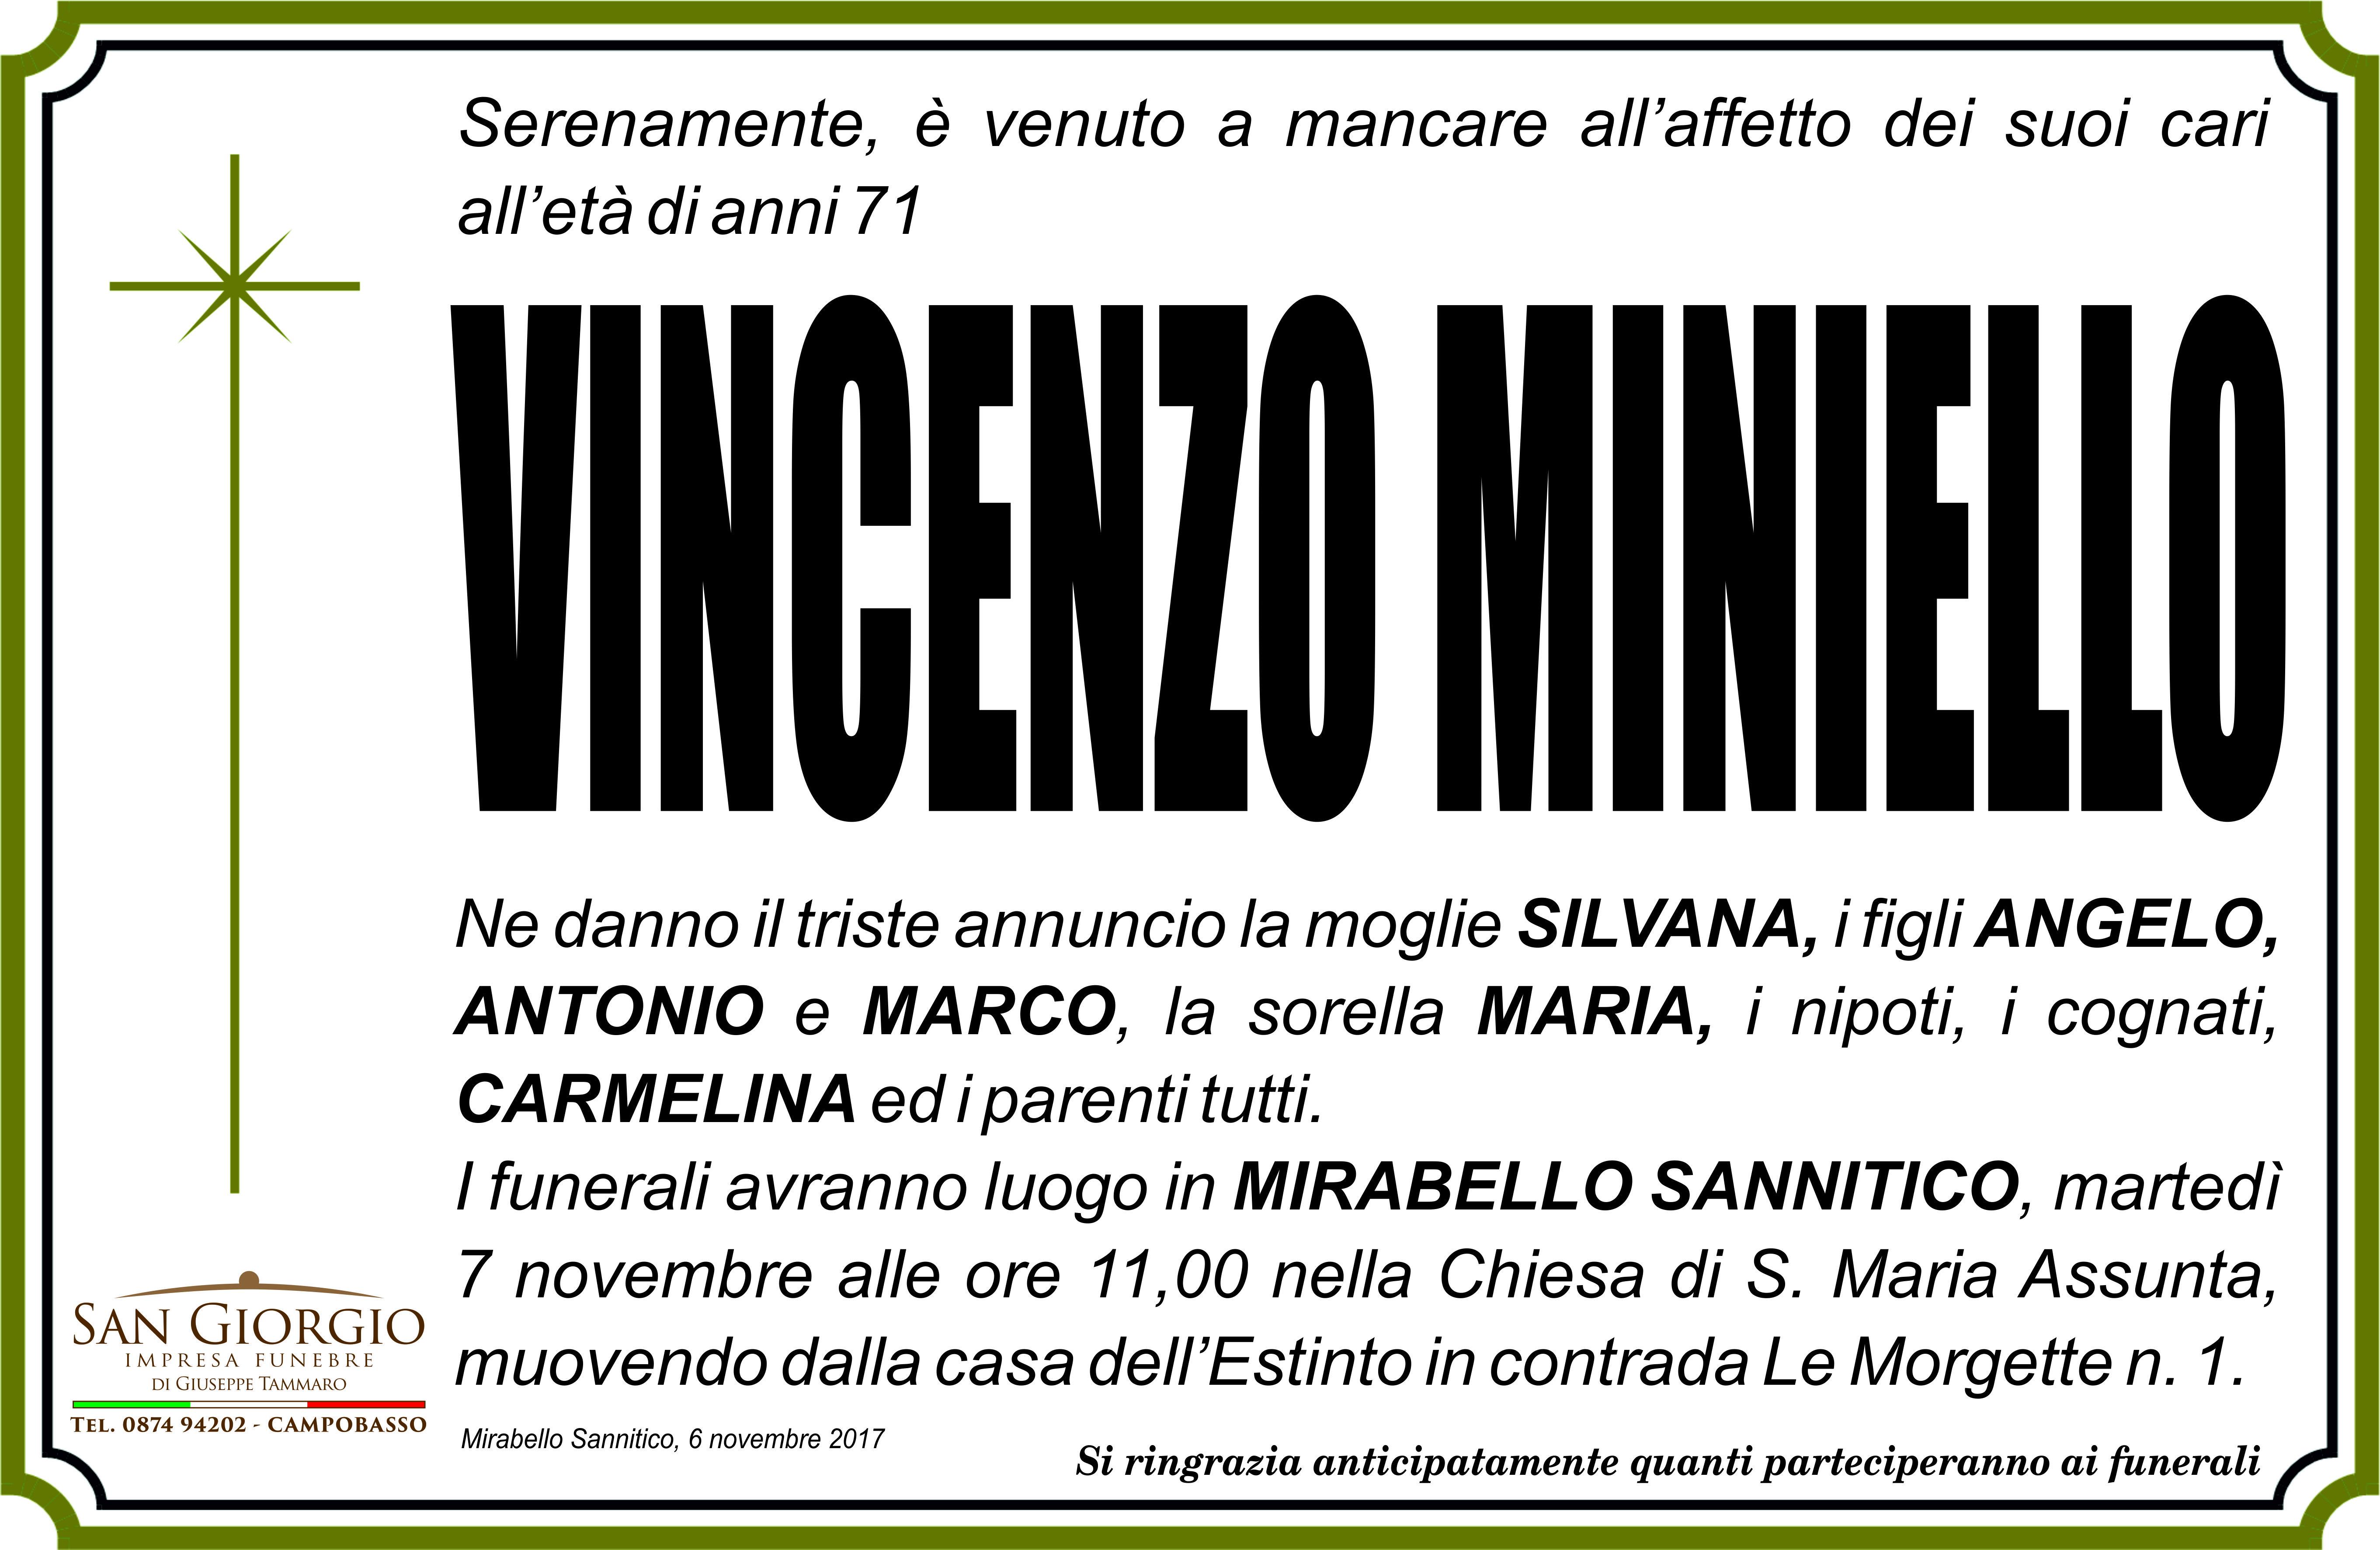 Vincenzo Miniello – 06/11/2017 – Mirabello Sannitico (CB) – Impresa Funebre San Giorgio